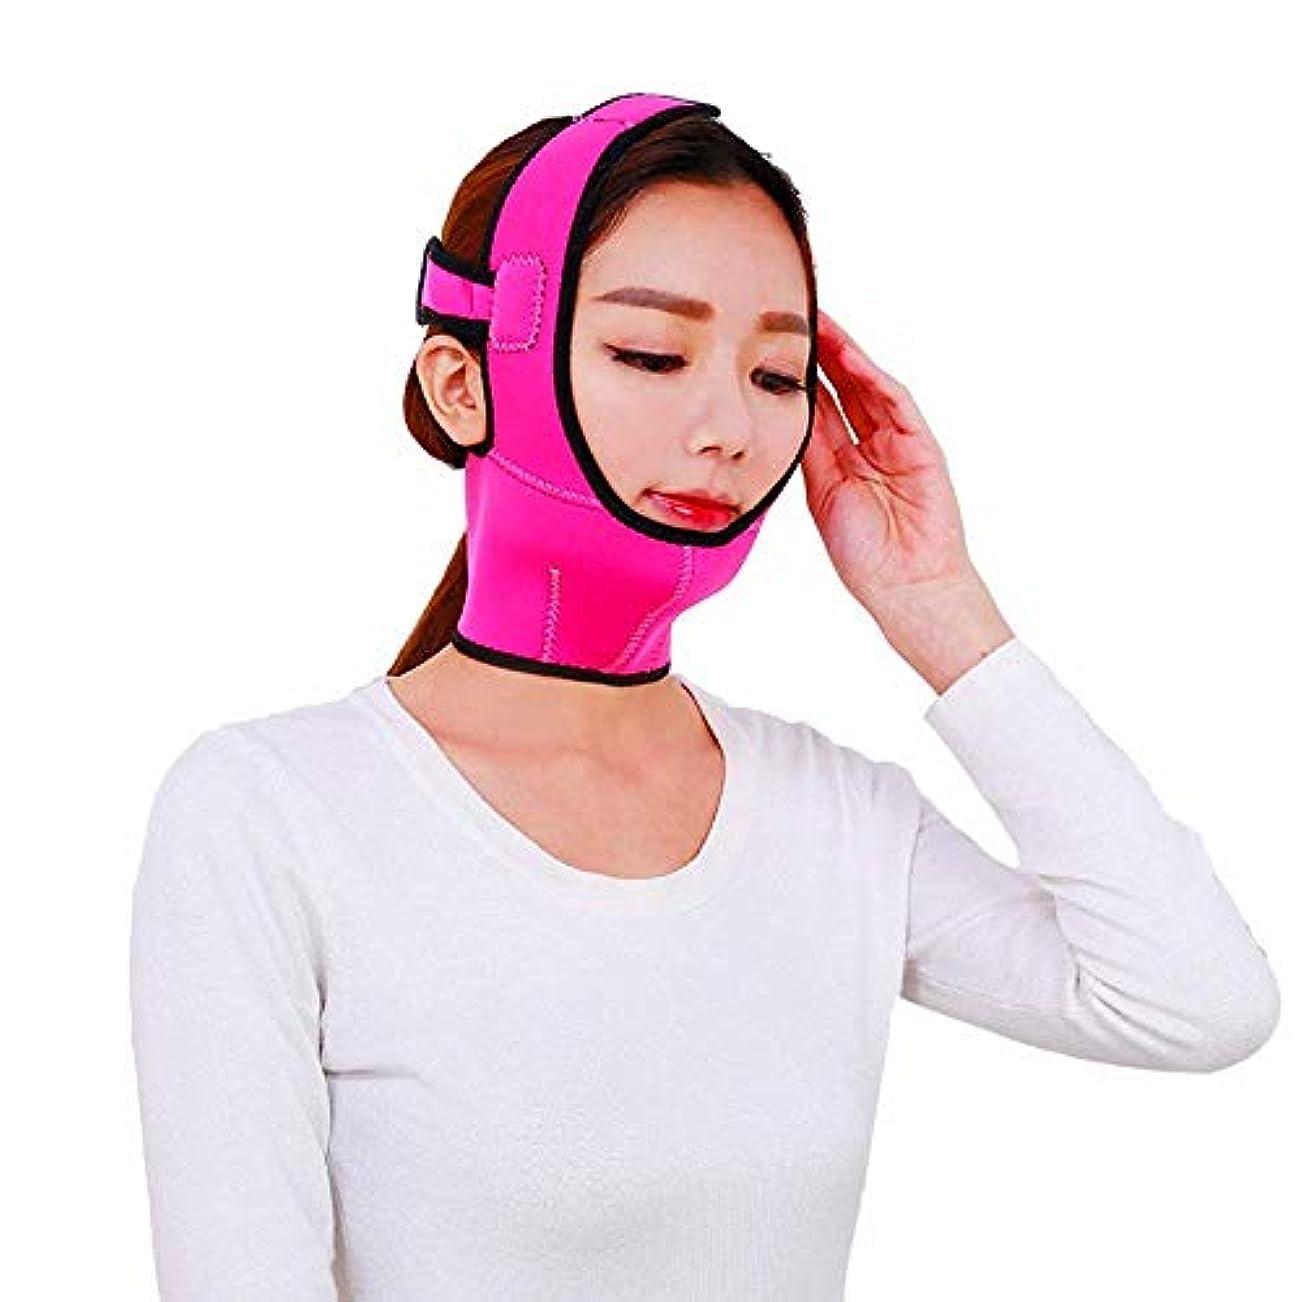 満足平行相対性理論二重あごの顔の持ち上がるマスクVfaceの顔の小さい顔の持ち上がる用具をきつく締める通気性の顔の持ち上がる包帯